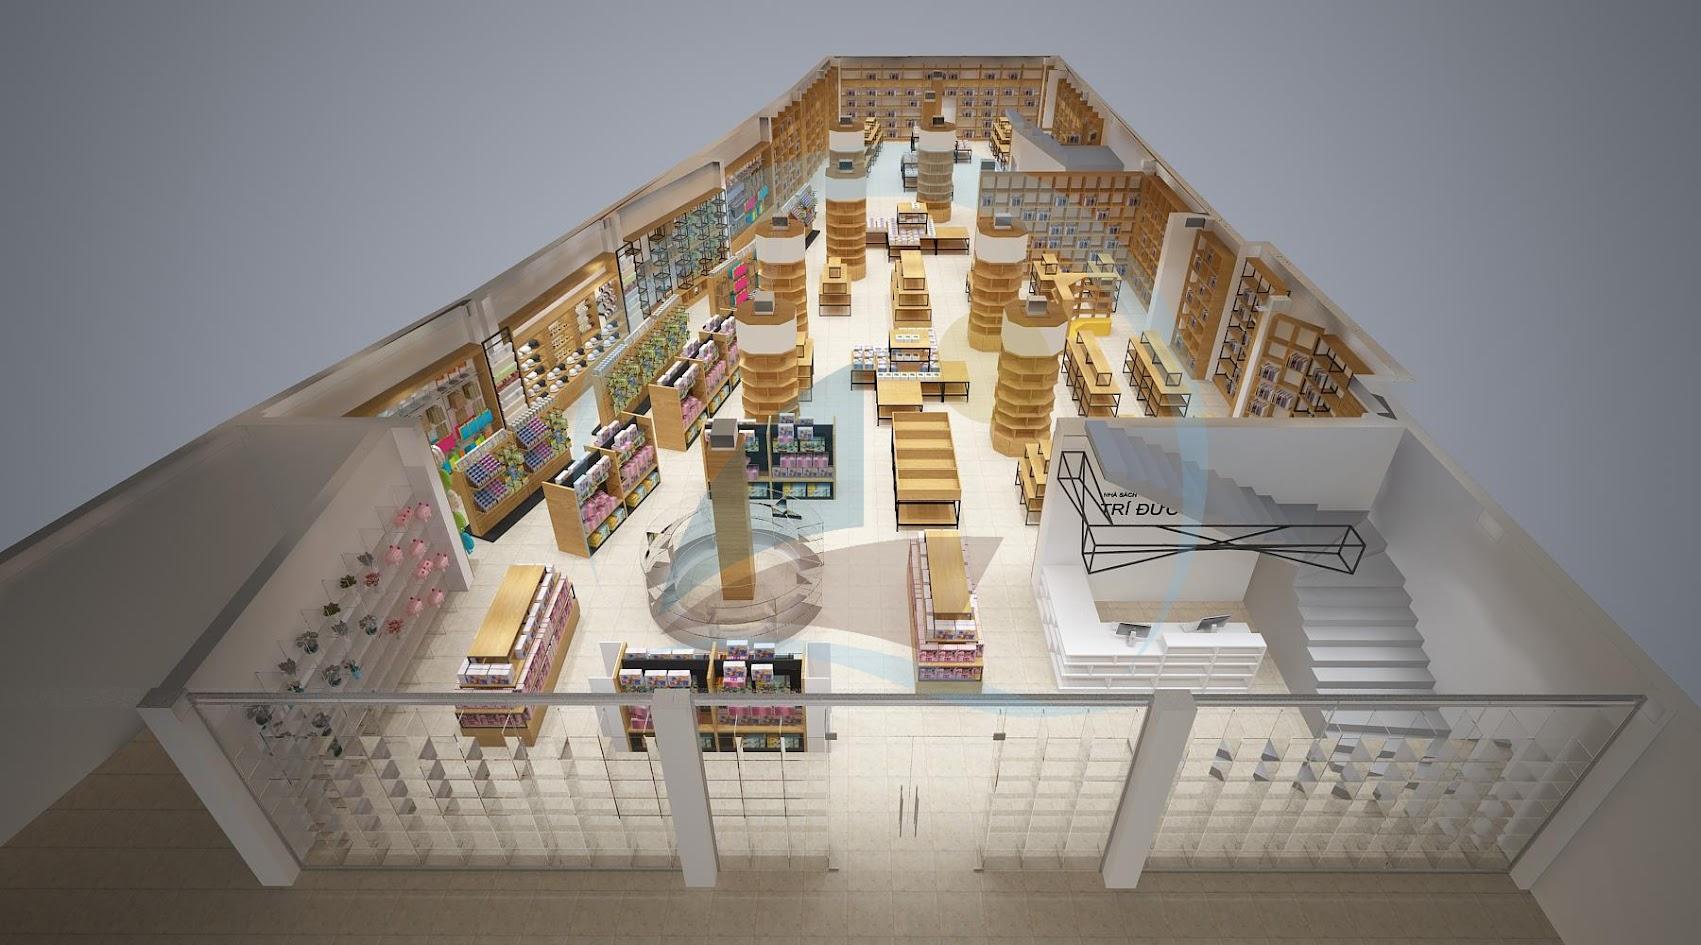 thiết kế nội thất nhà sách Trí Đức 1